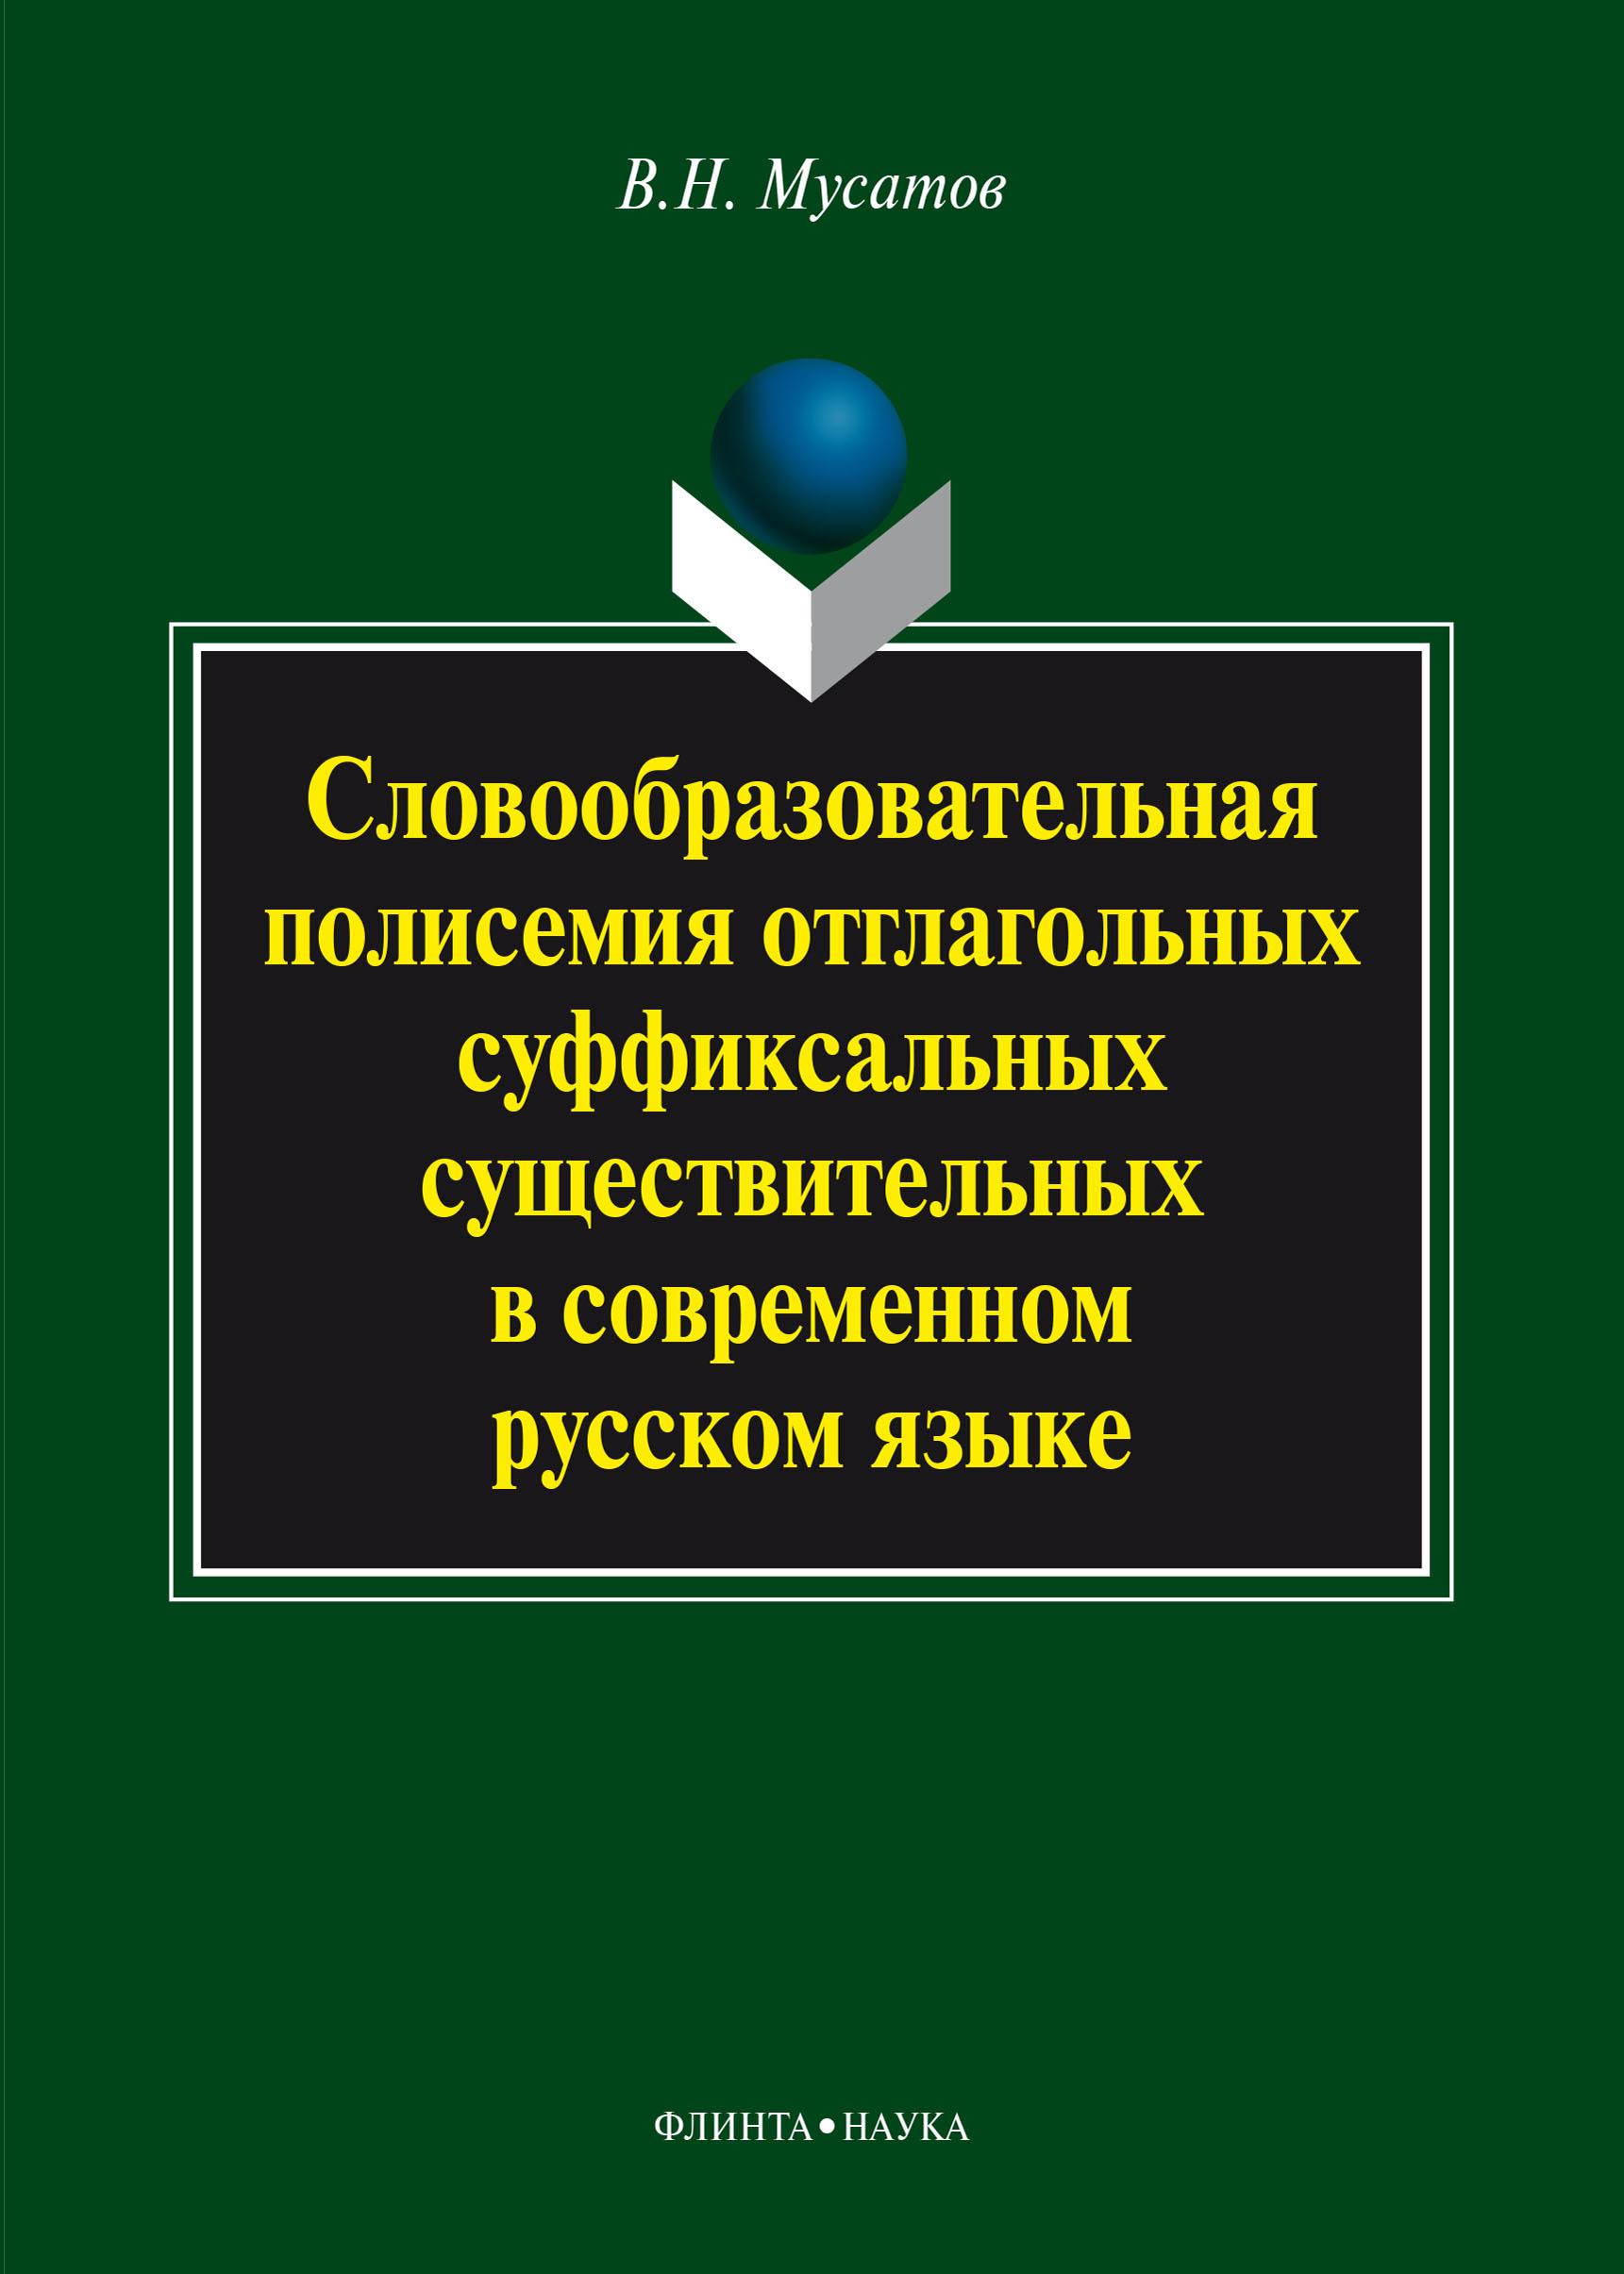 В. Н. Мусатов Словообразовательная полисемия отглагольных суффиксальных существительных в современном русском языке